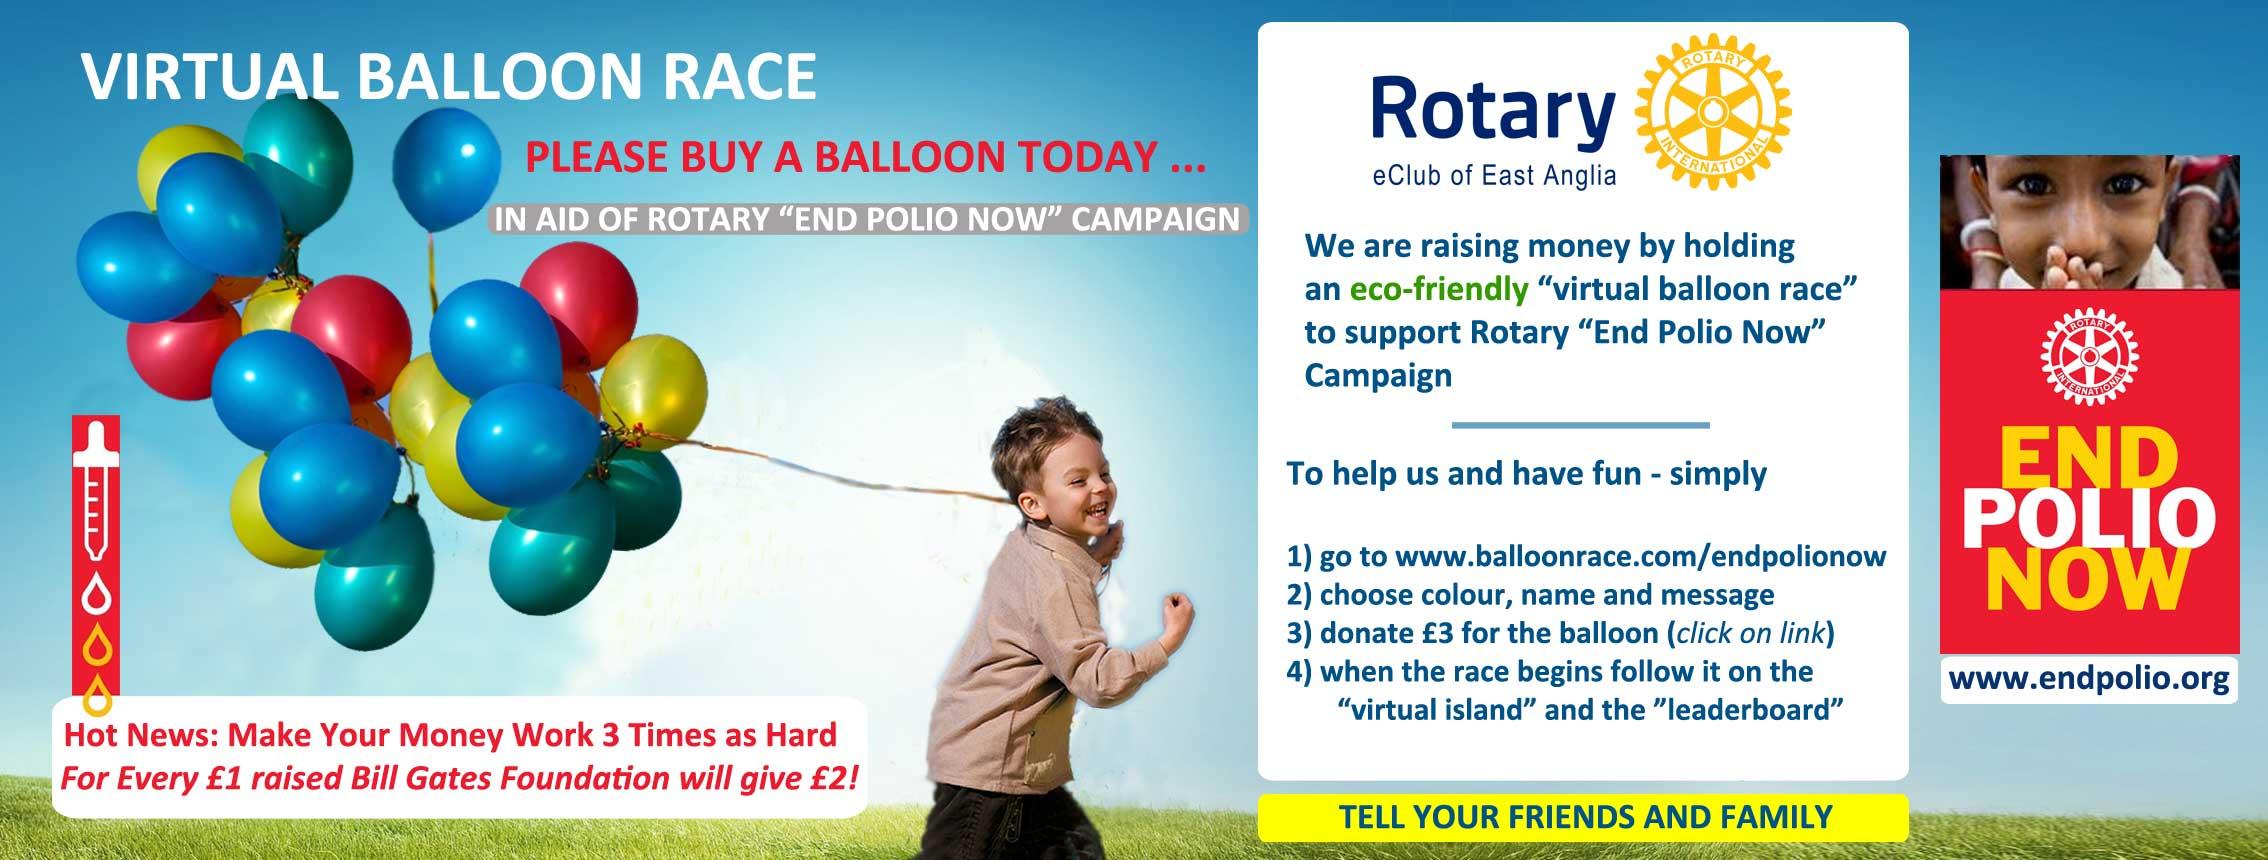 Rotary Baloon